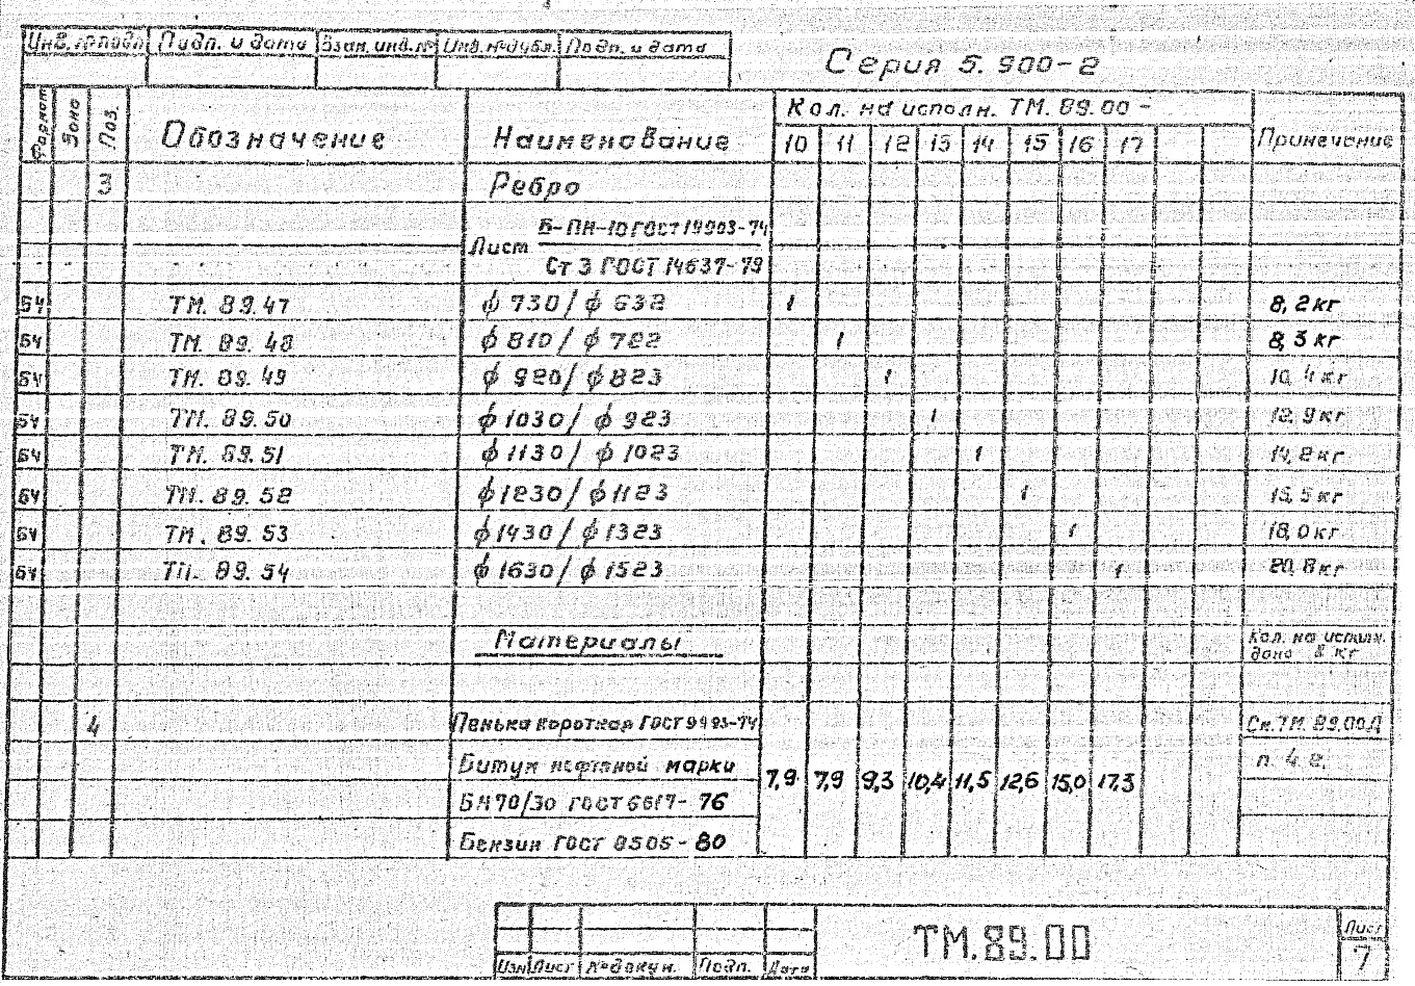 Сальники набивные ТМ.89.00 серия 5.900-2 стр.8